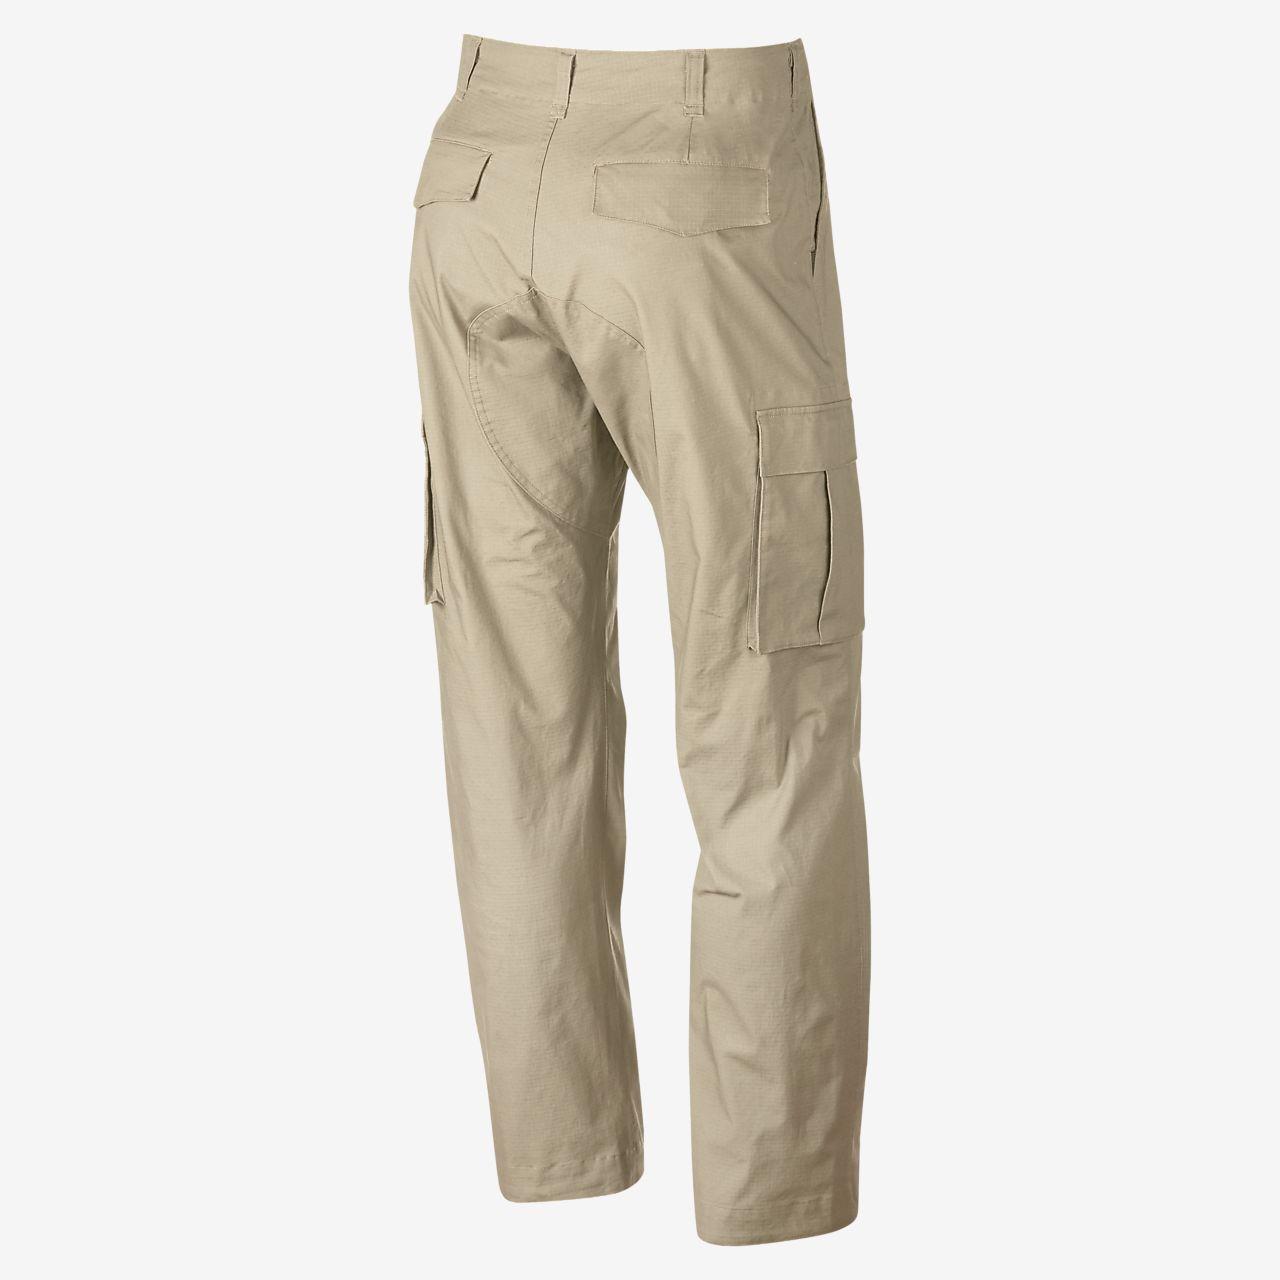 d47e830d553d Nike SB Flex FTM Men s Skate Cargo Trousers. Nike.com AU